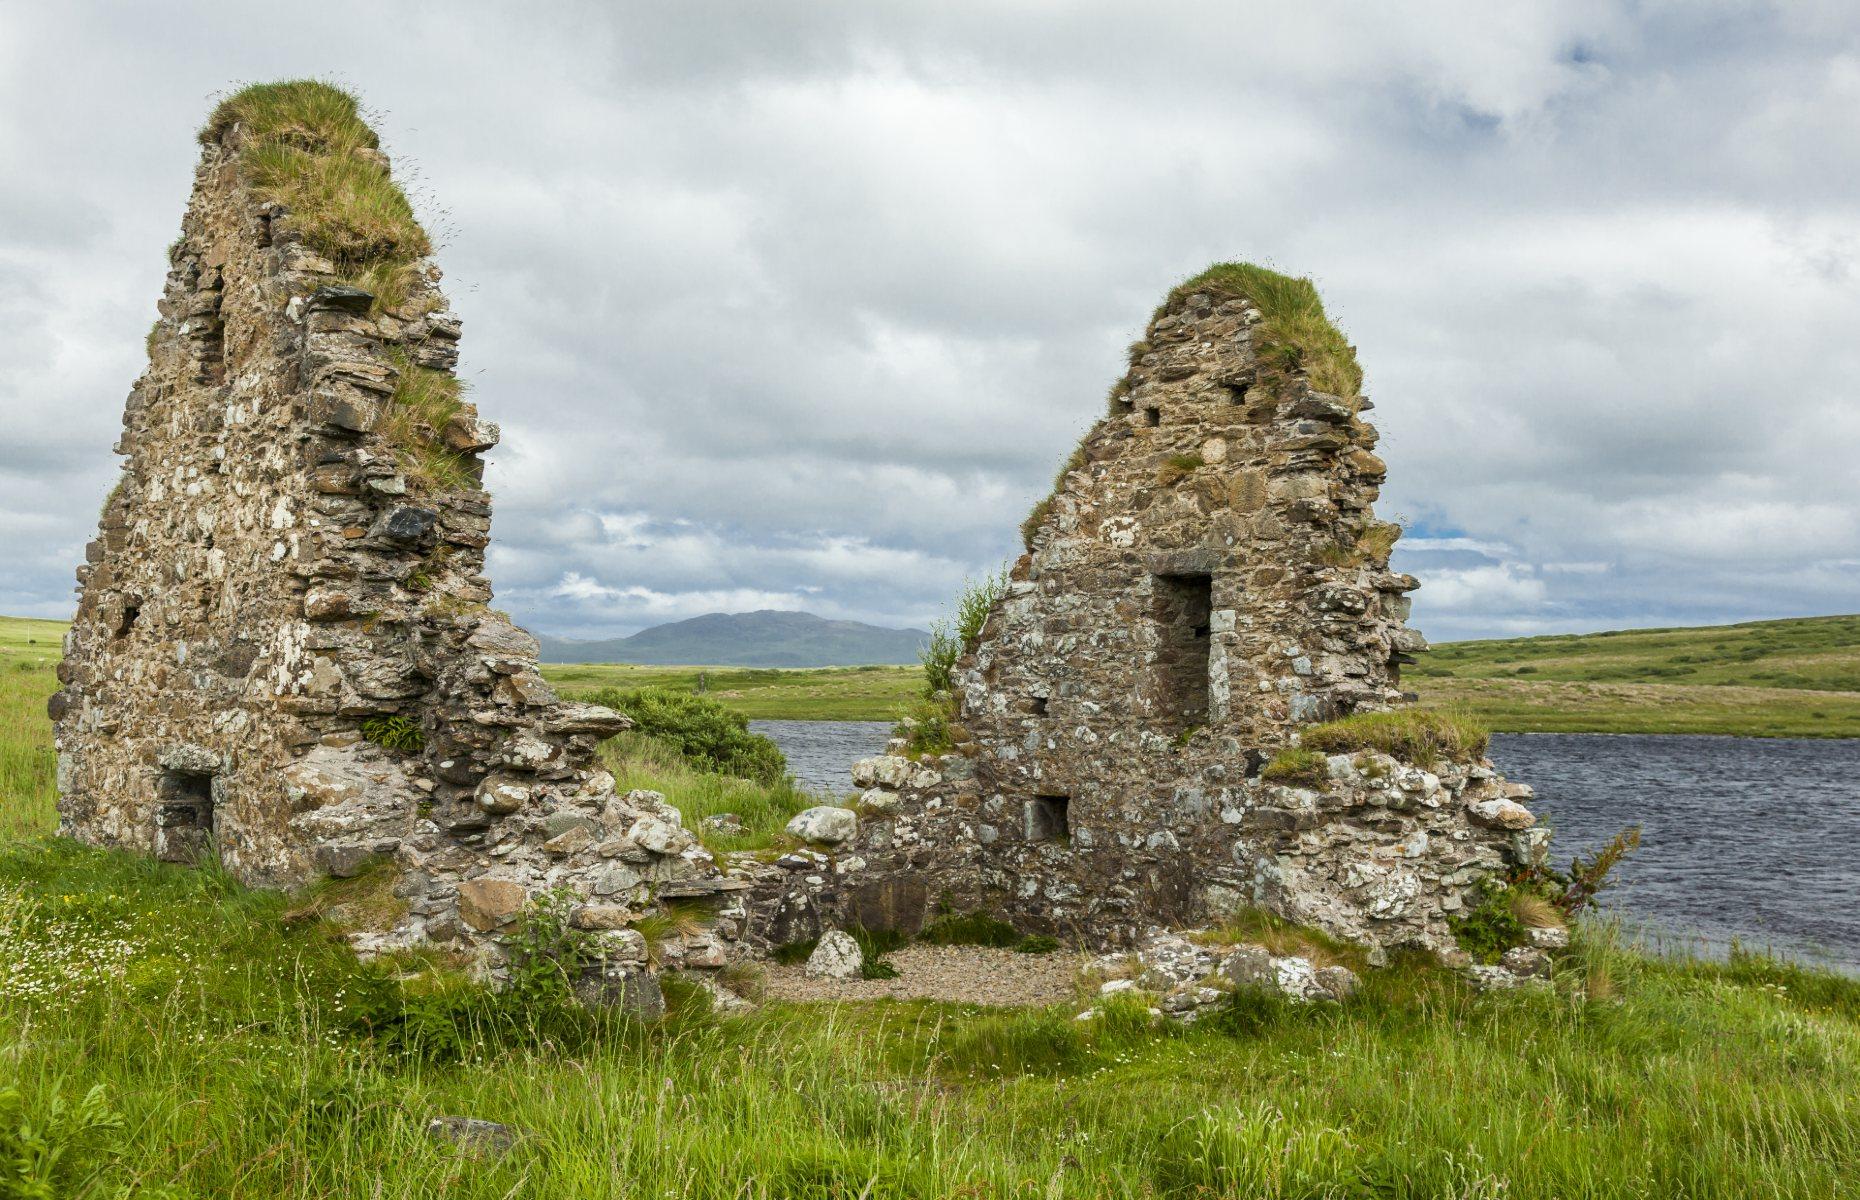 Finlaggan ruins (Image: coxy58/Shutterstock)